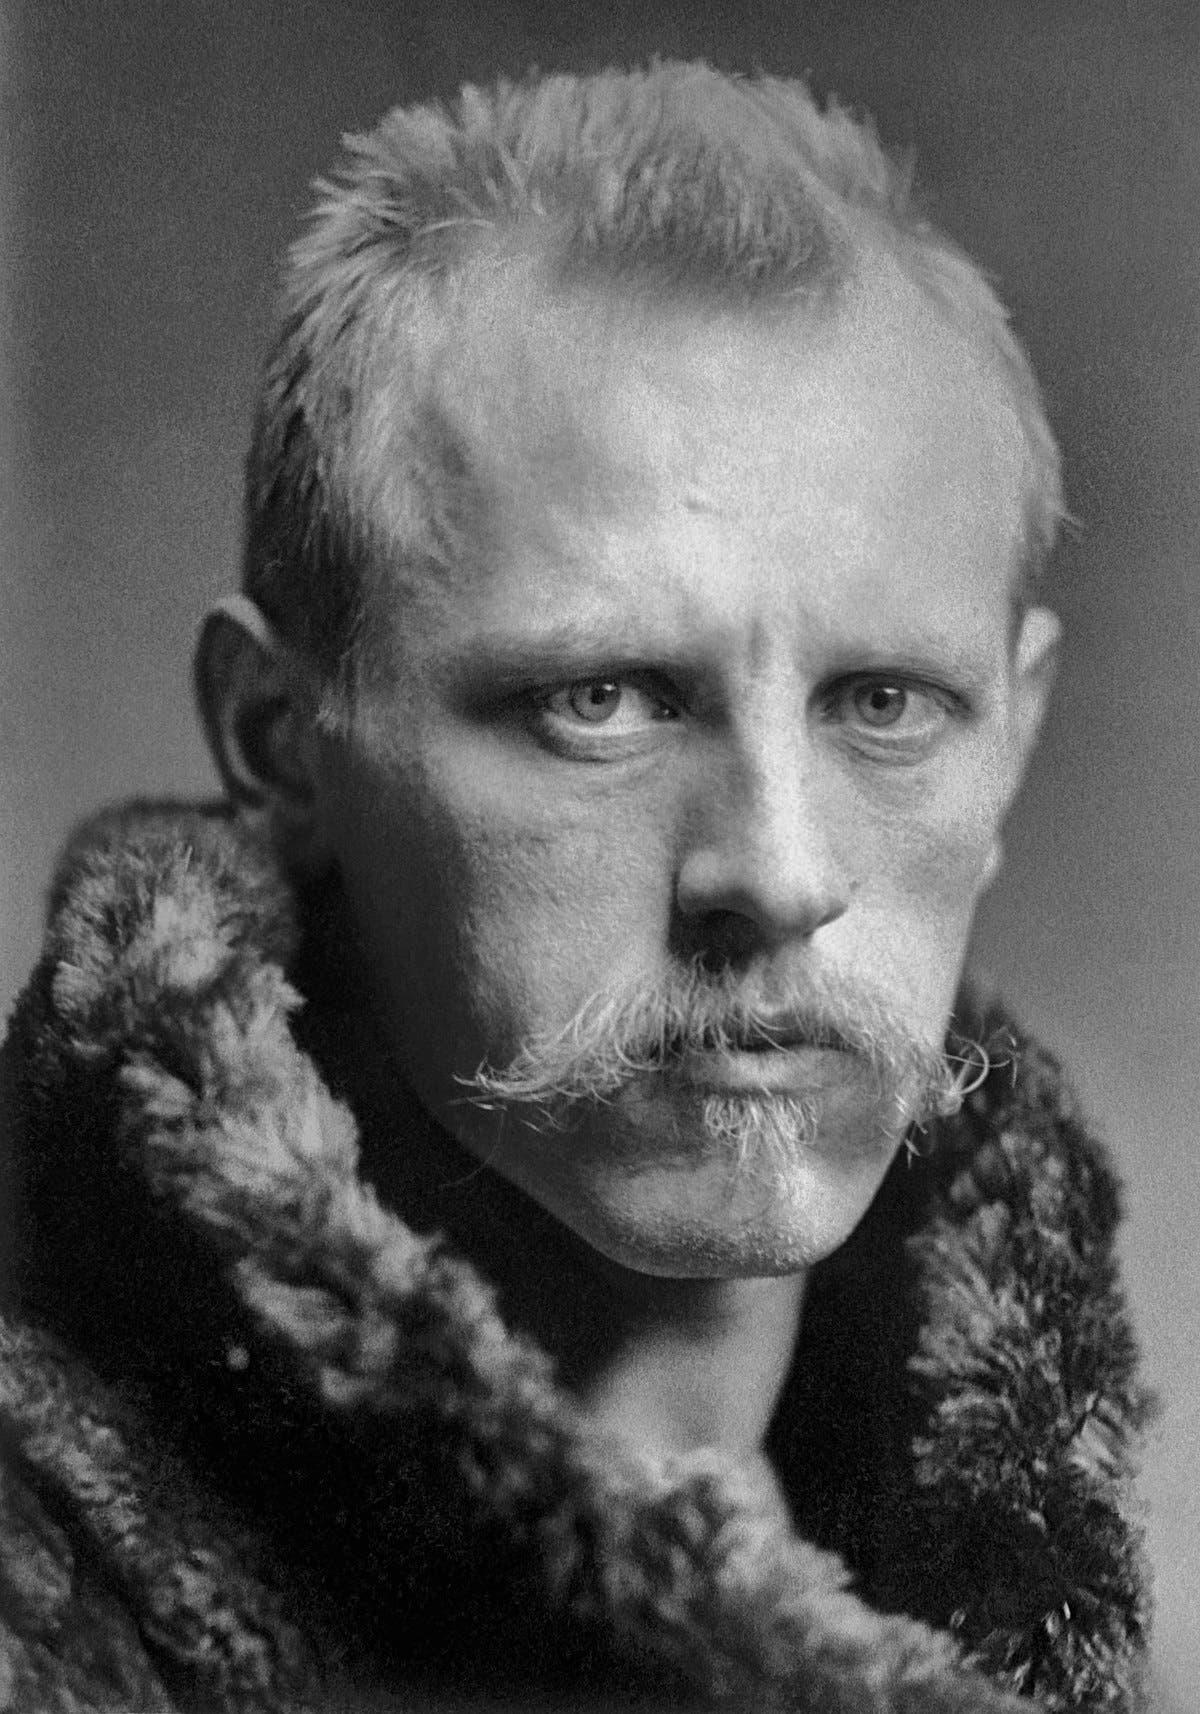 صورة للمستكشف النرويجي فريتيوف نانسين